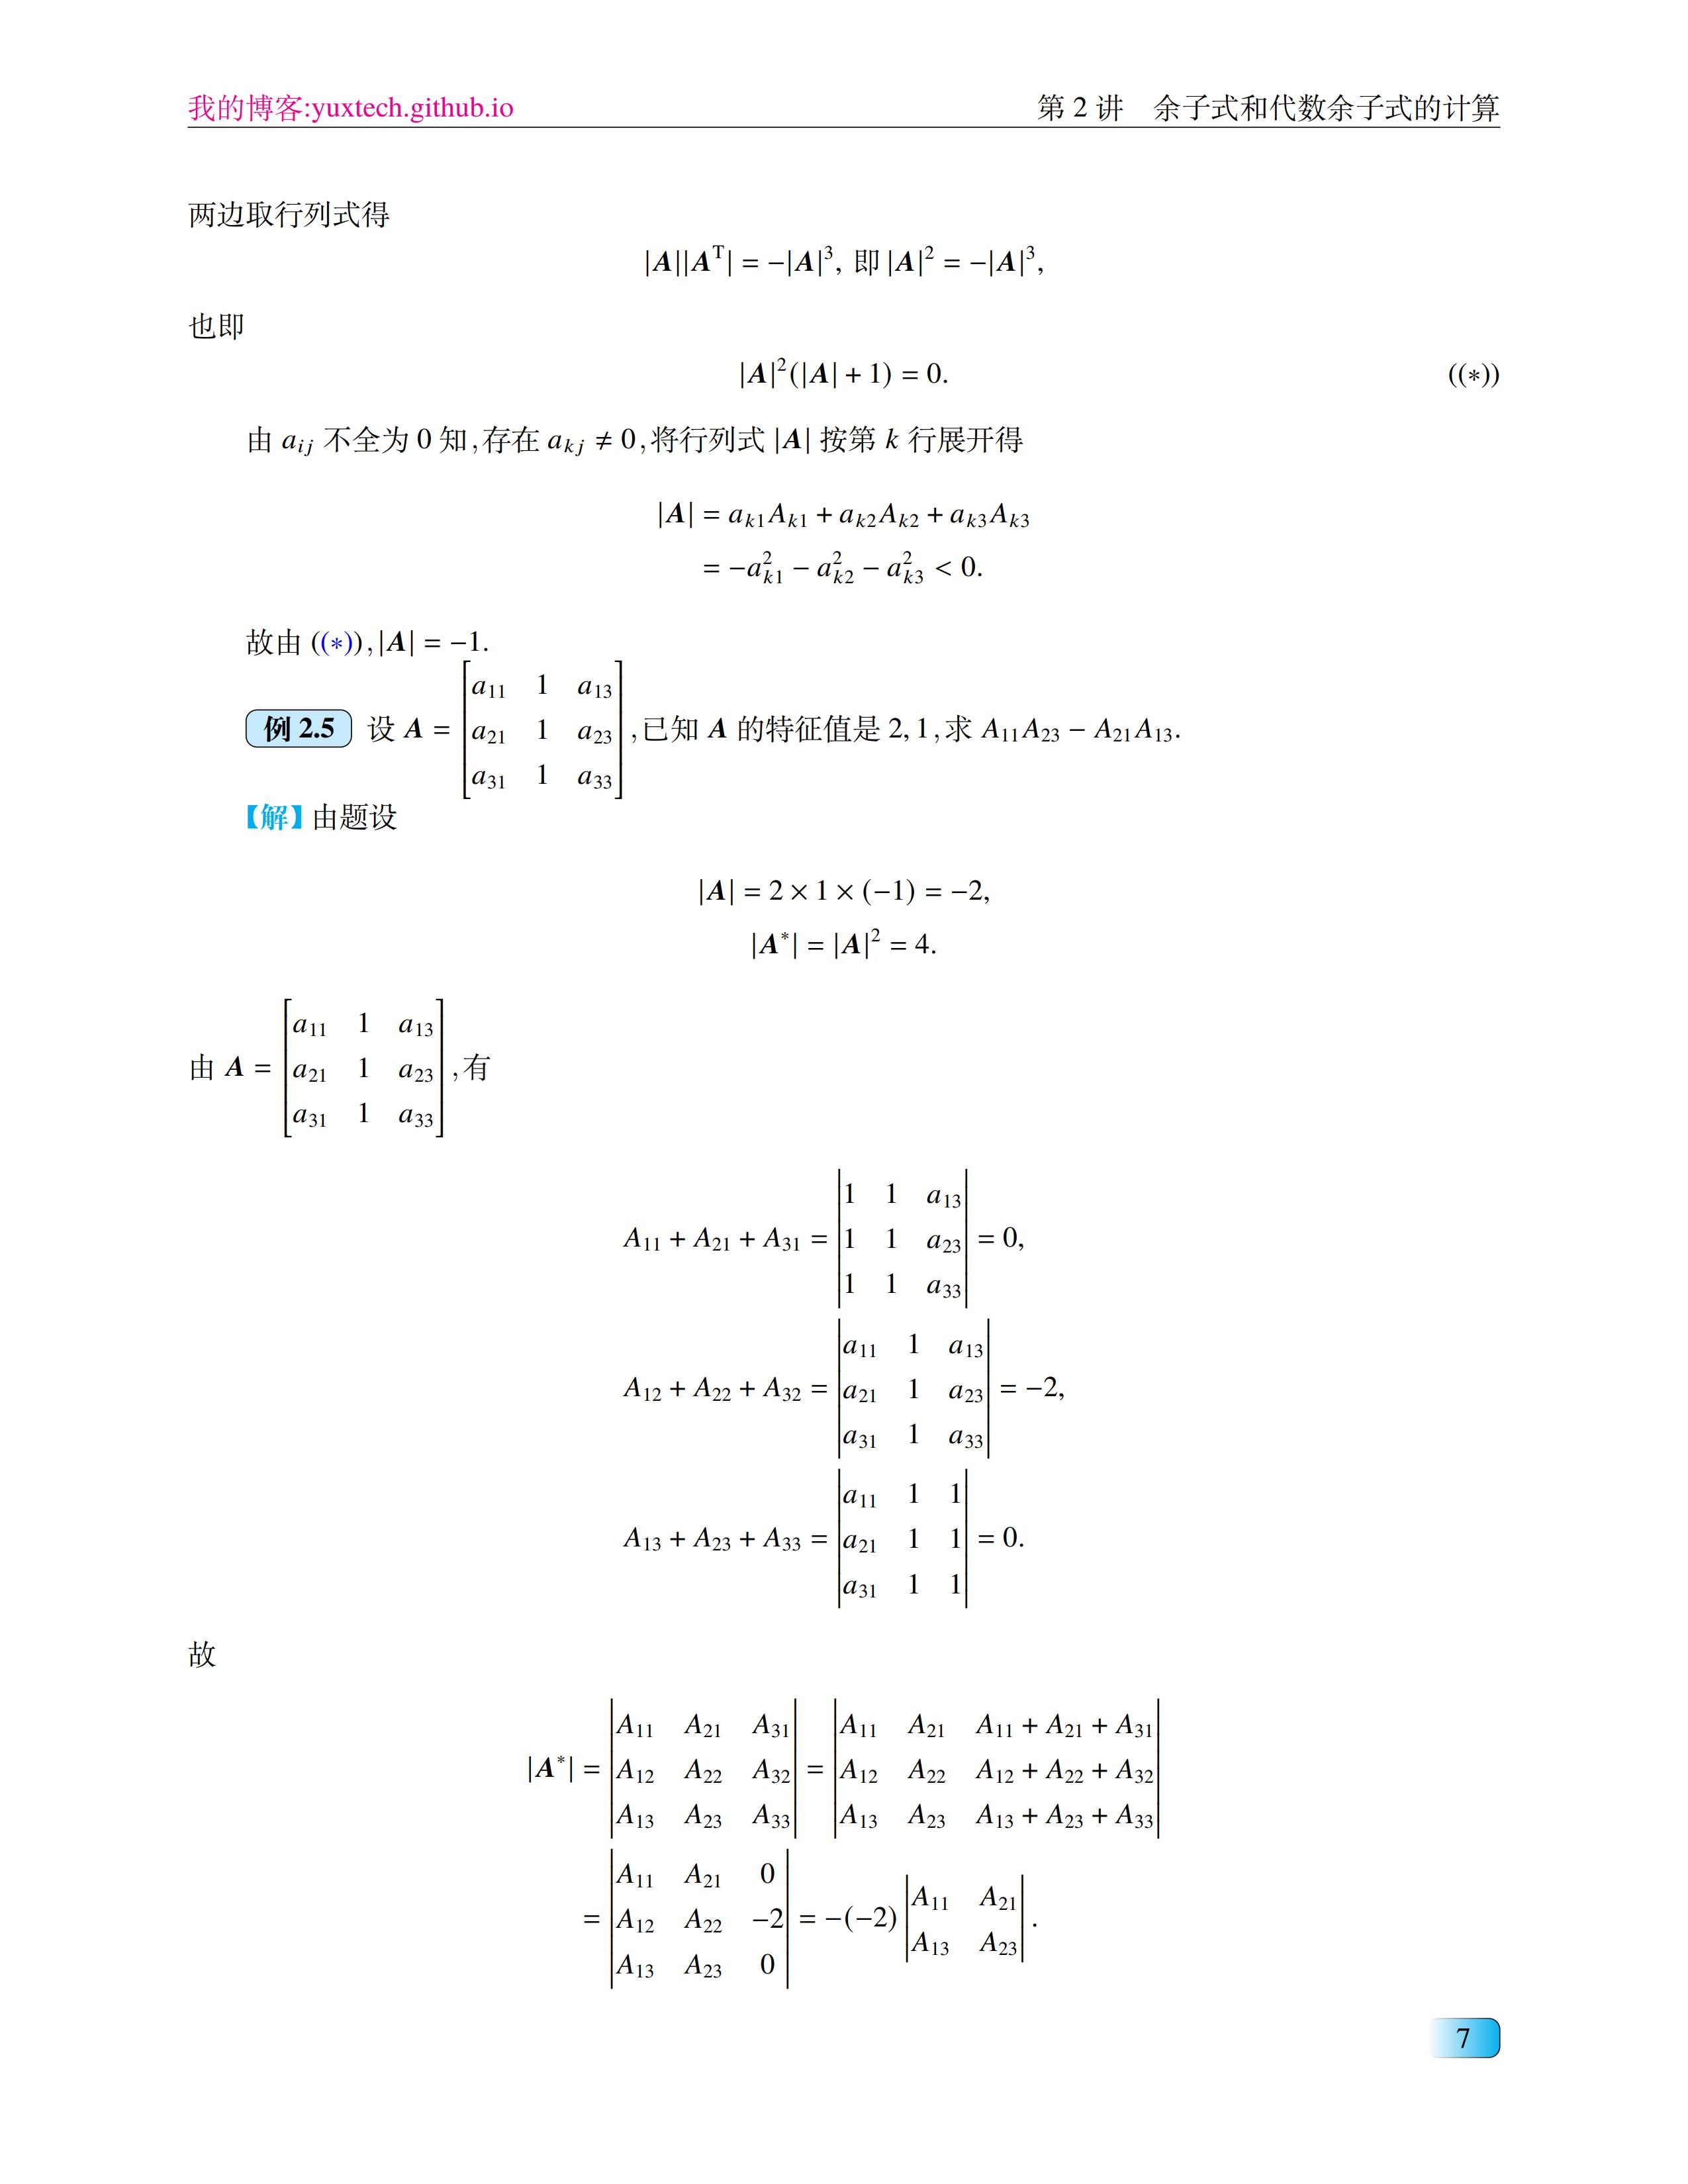 定制一个新版张宇考研数学书籍的LaTeX格式 - 向老师